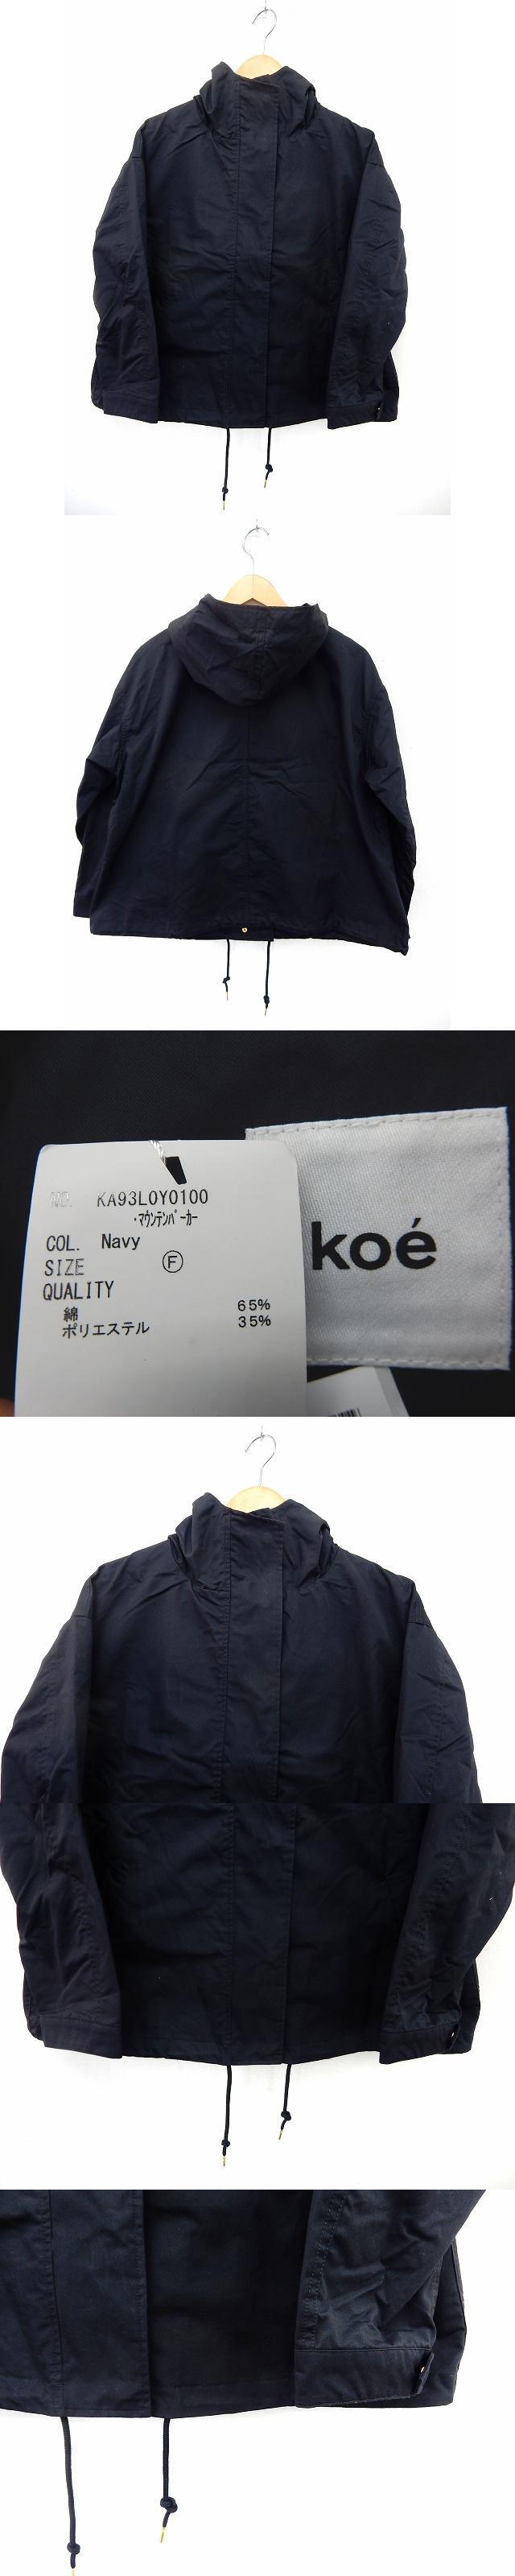 タグ付き KOE パーカー マウンテンパーカー ジップアップ フード ポケット F ネイビー /ST3